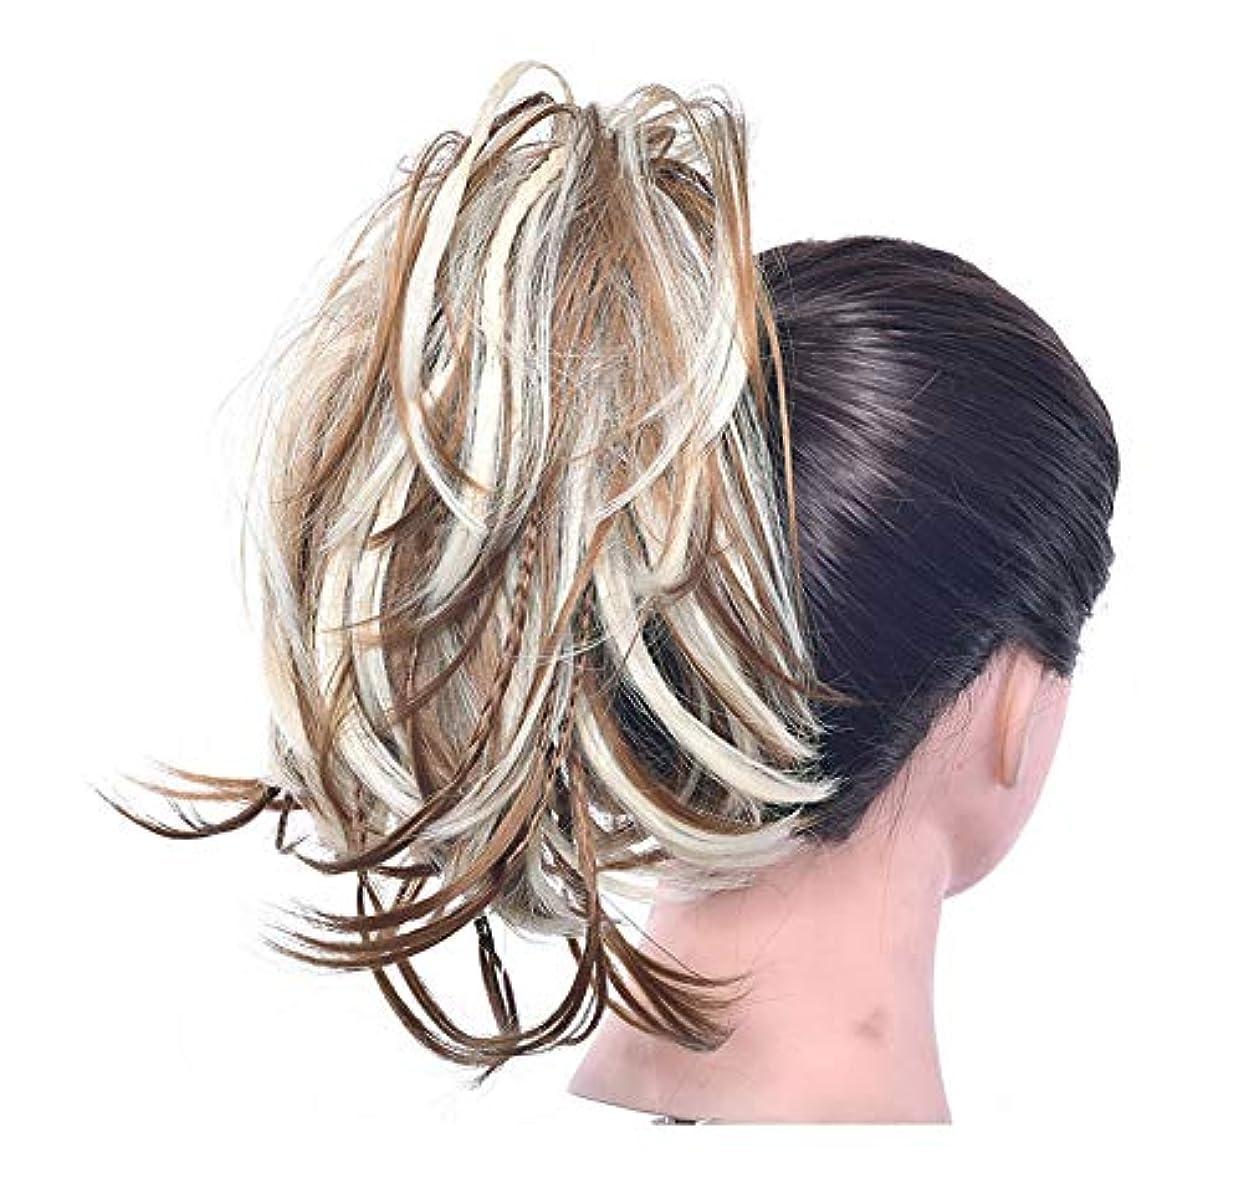 ビュッフェ事故助言するポニーテールシニョンドーナツアップリボンアクセサリー、女性のためのカーリー波状の作品、乱雑な髪のお団子のシュシュ拡張